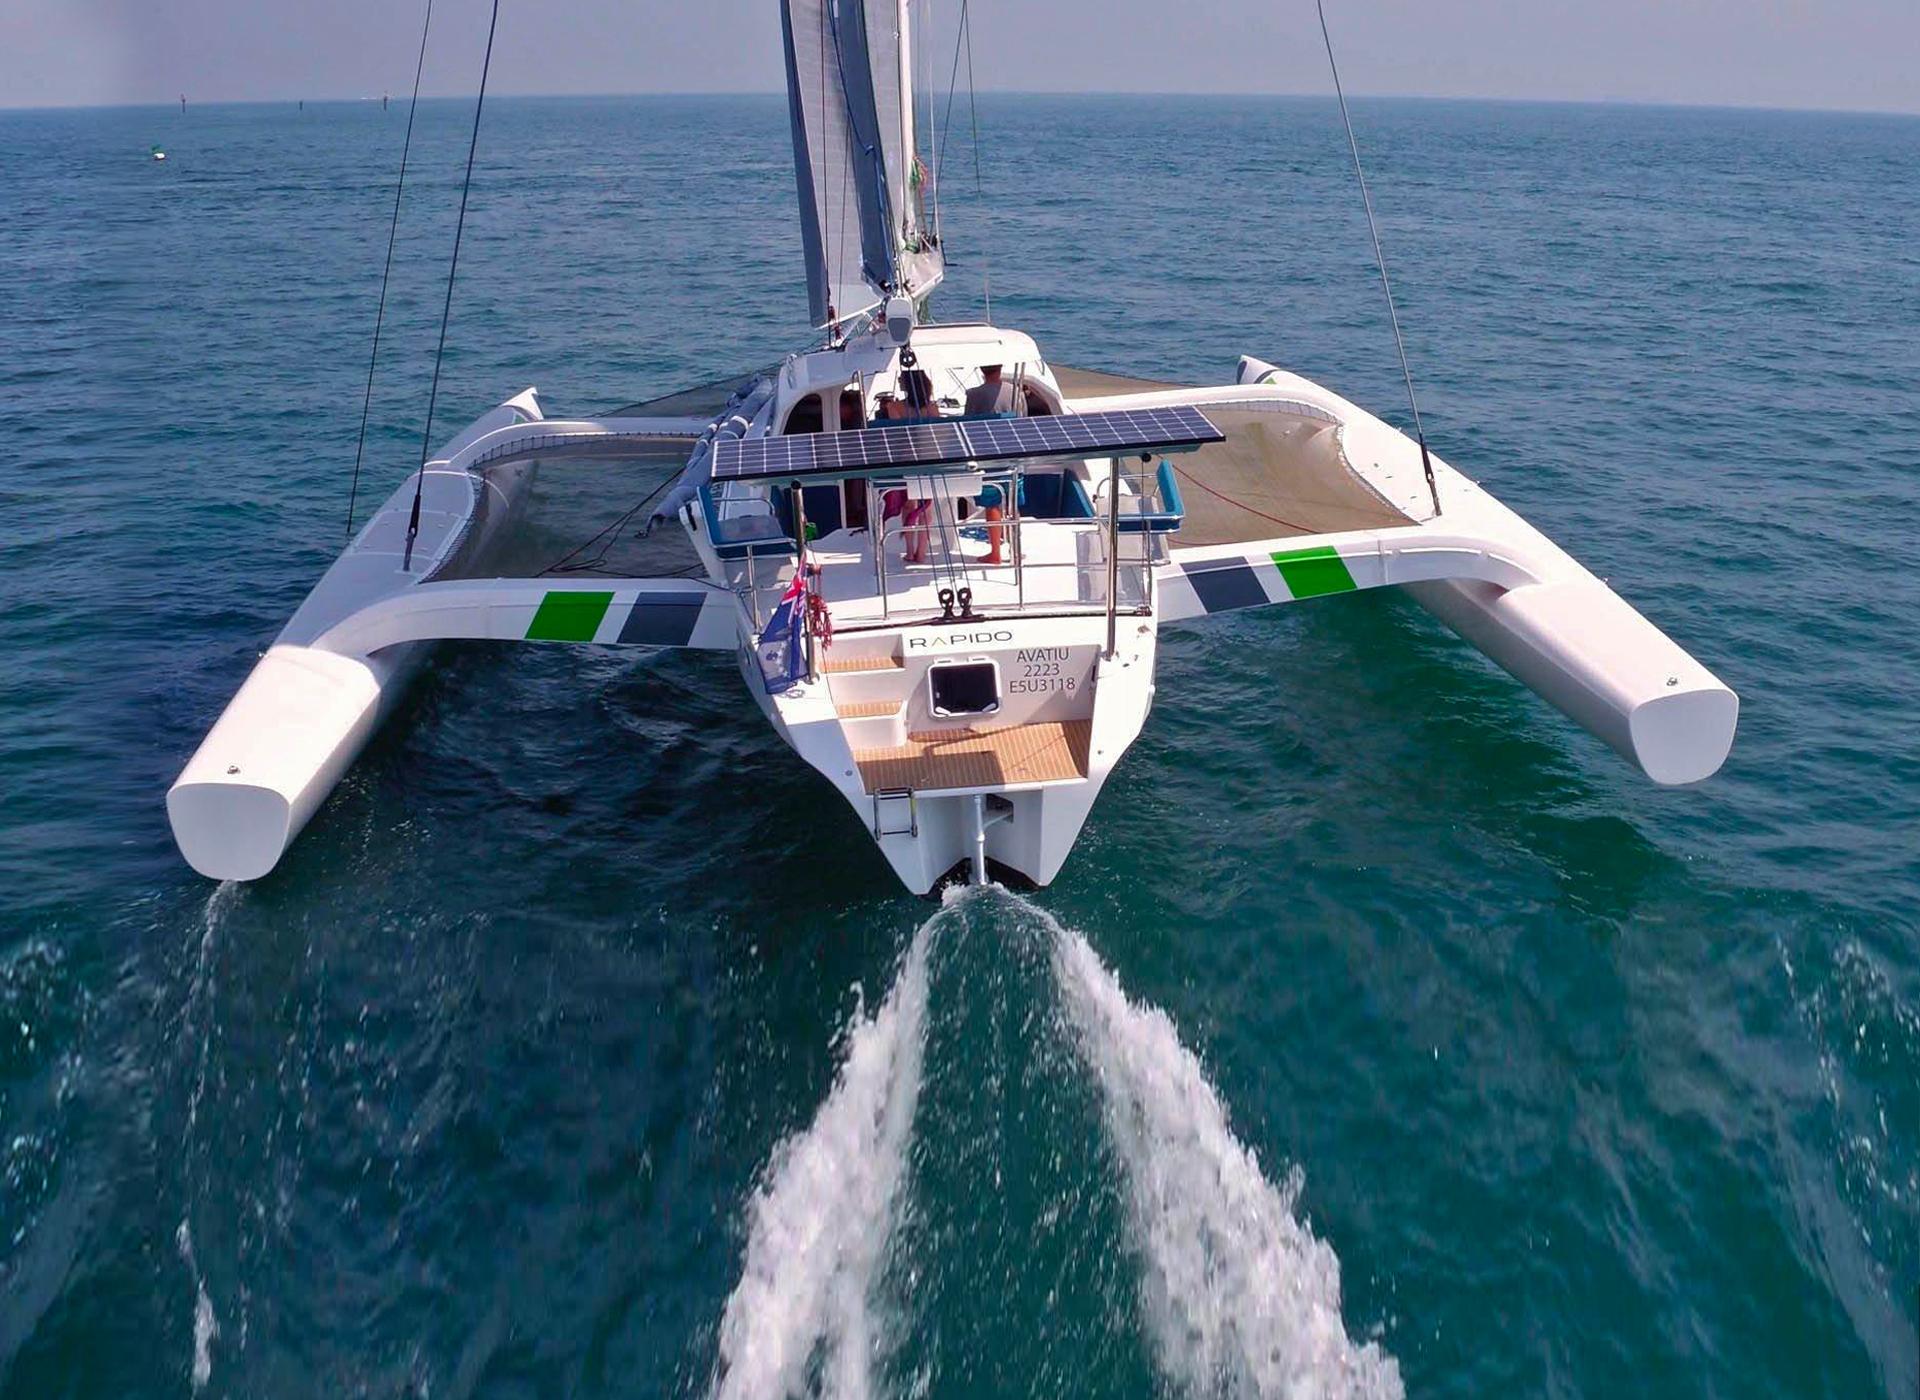 Rapido 60 Trimaran Sailing Yacht